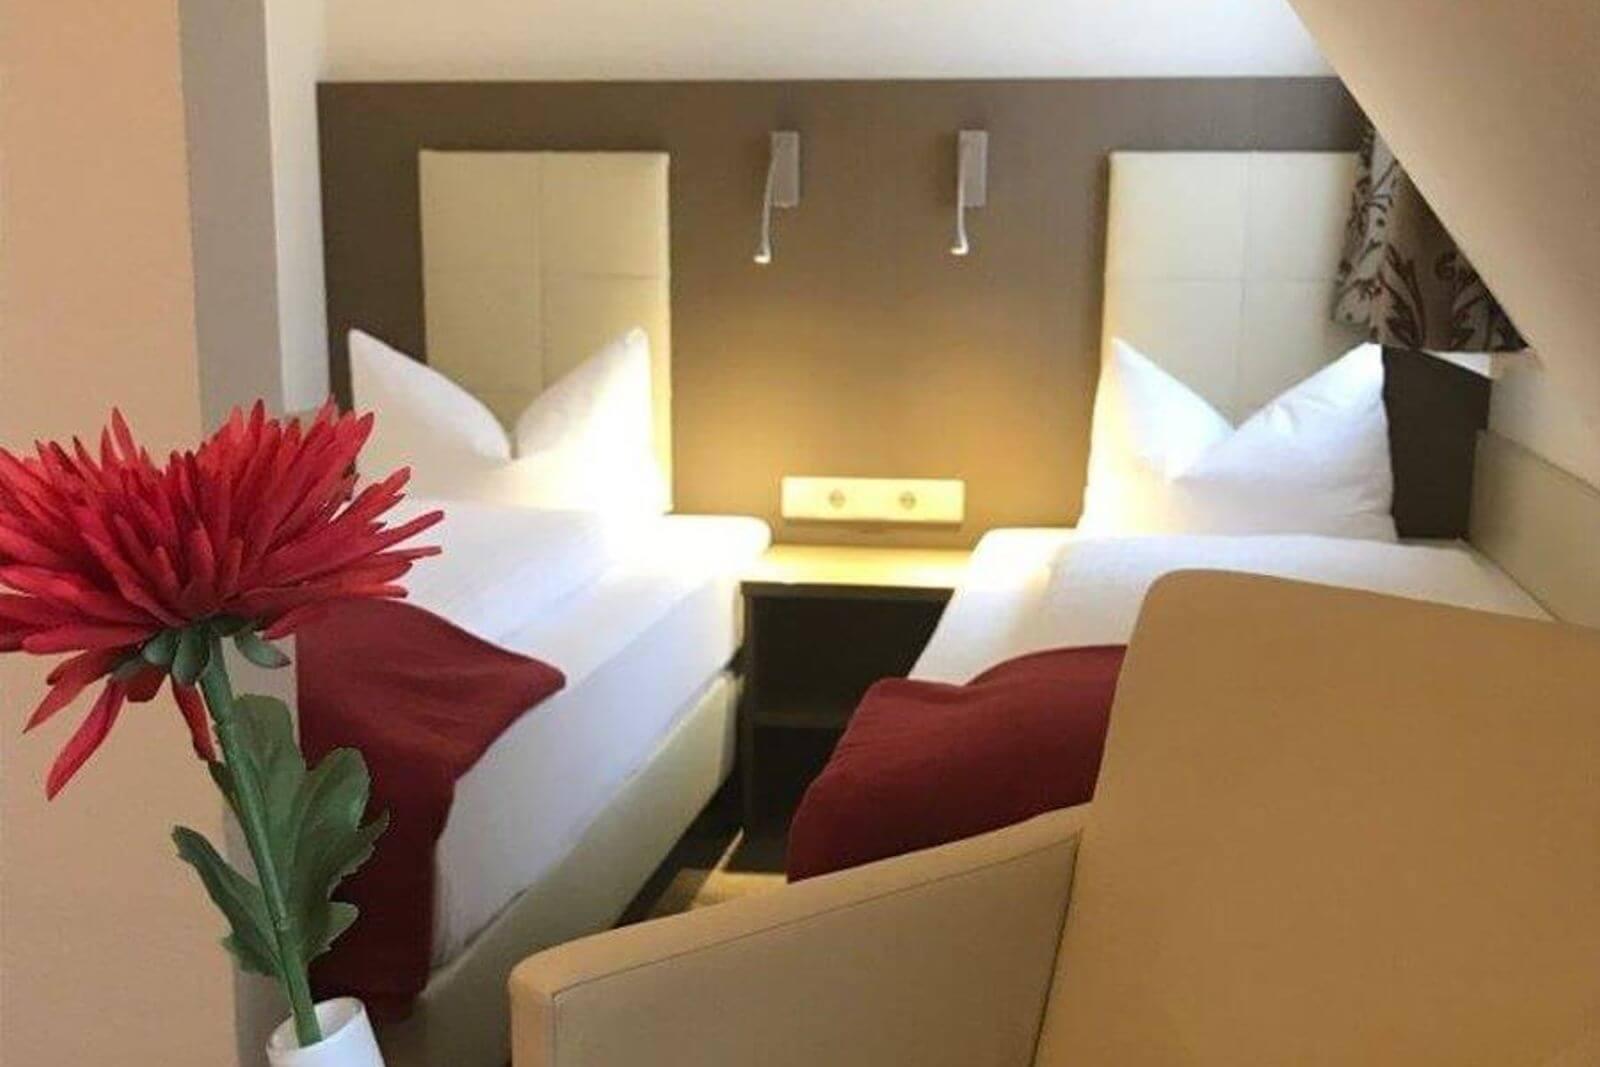 twinbettzimmer-zweibettzimmer-hotel-garni-pension-freiburg-cityhotel-innenstadt-guenstig (11)